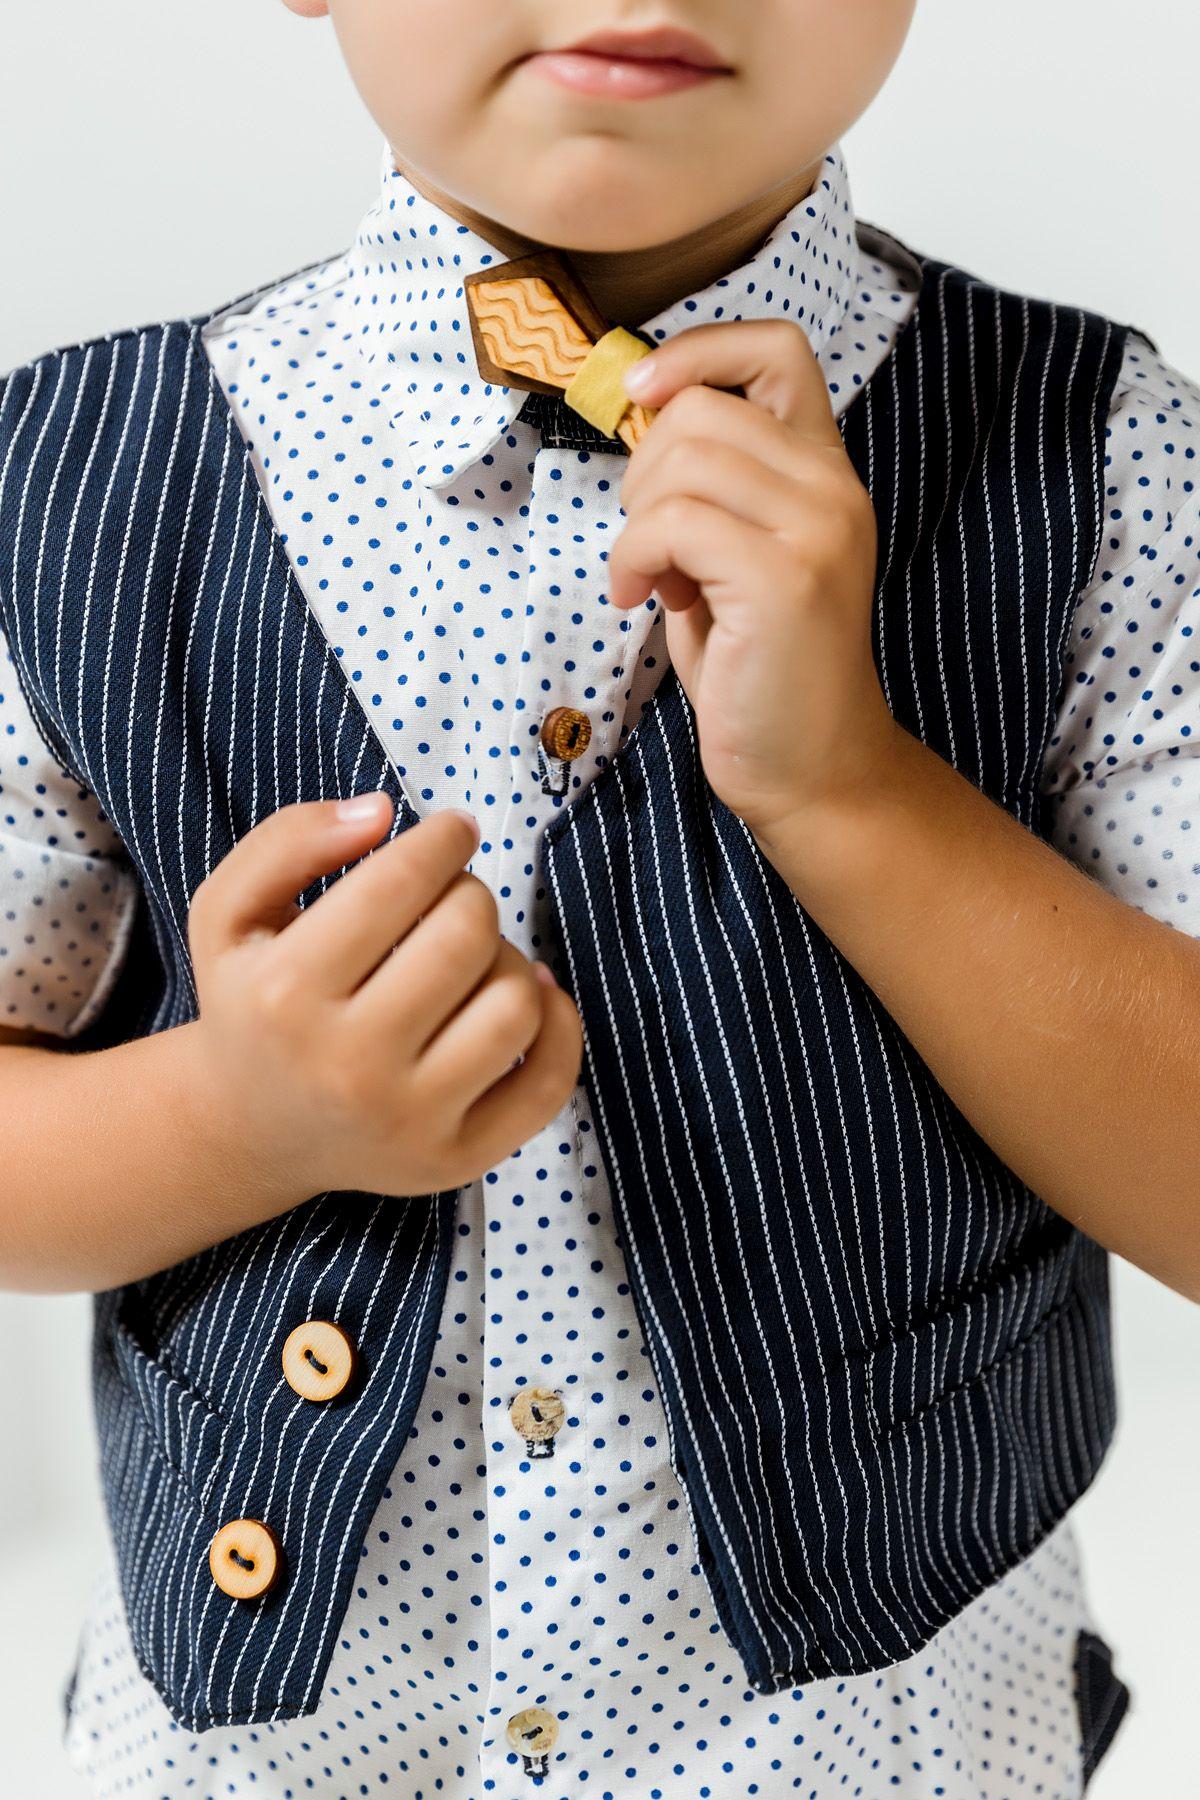 Βαπτιστικό σύνολο αγόρι με κροκί παντελόνι και πουά μπλε πουκάμισο